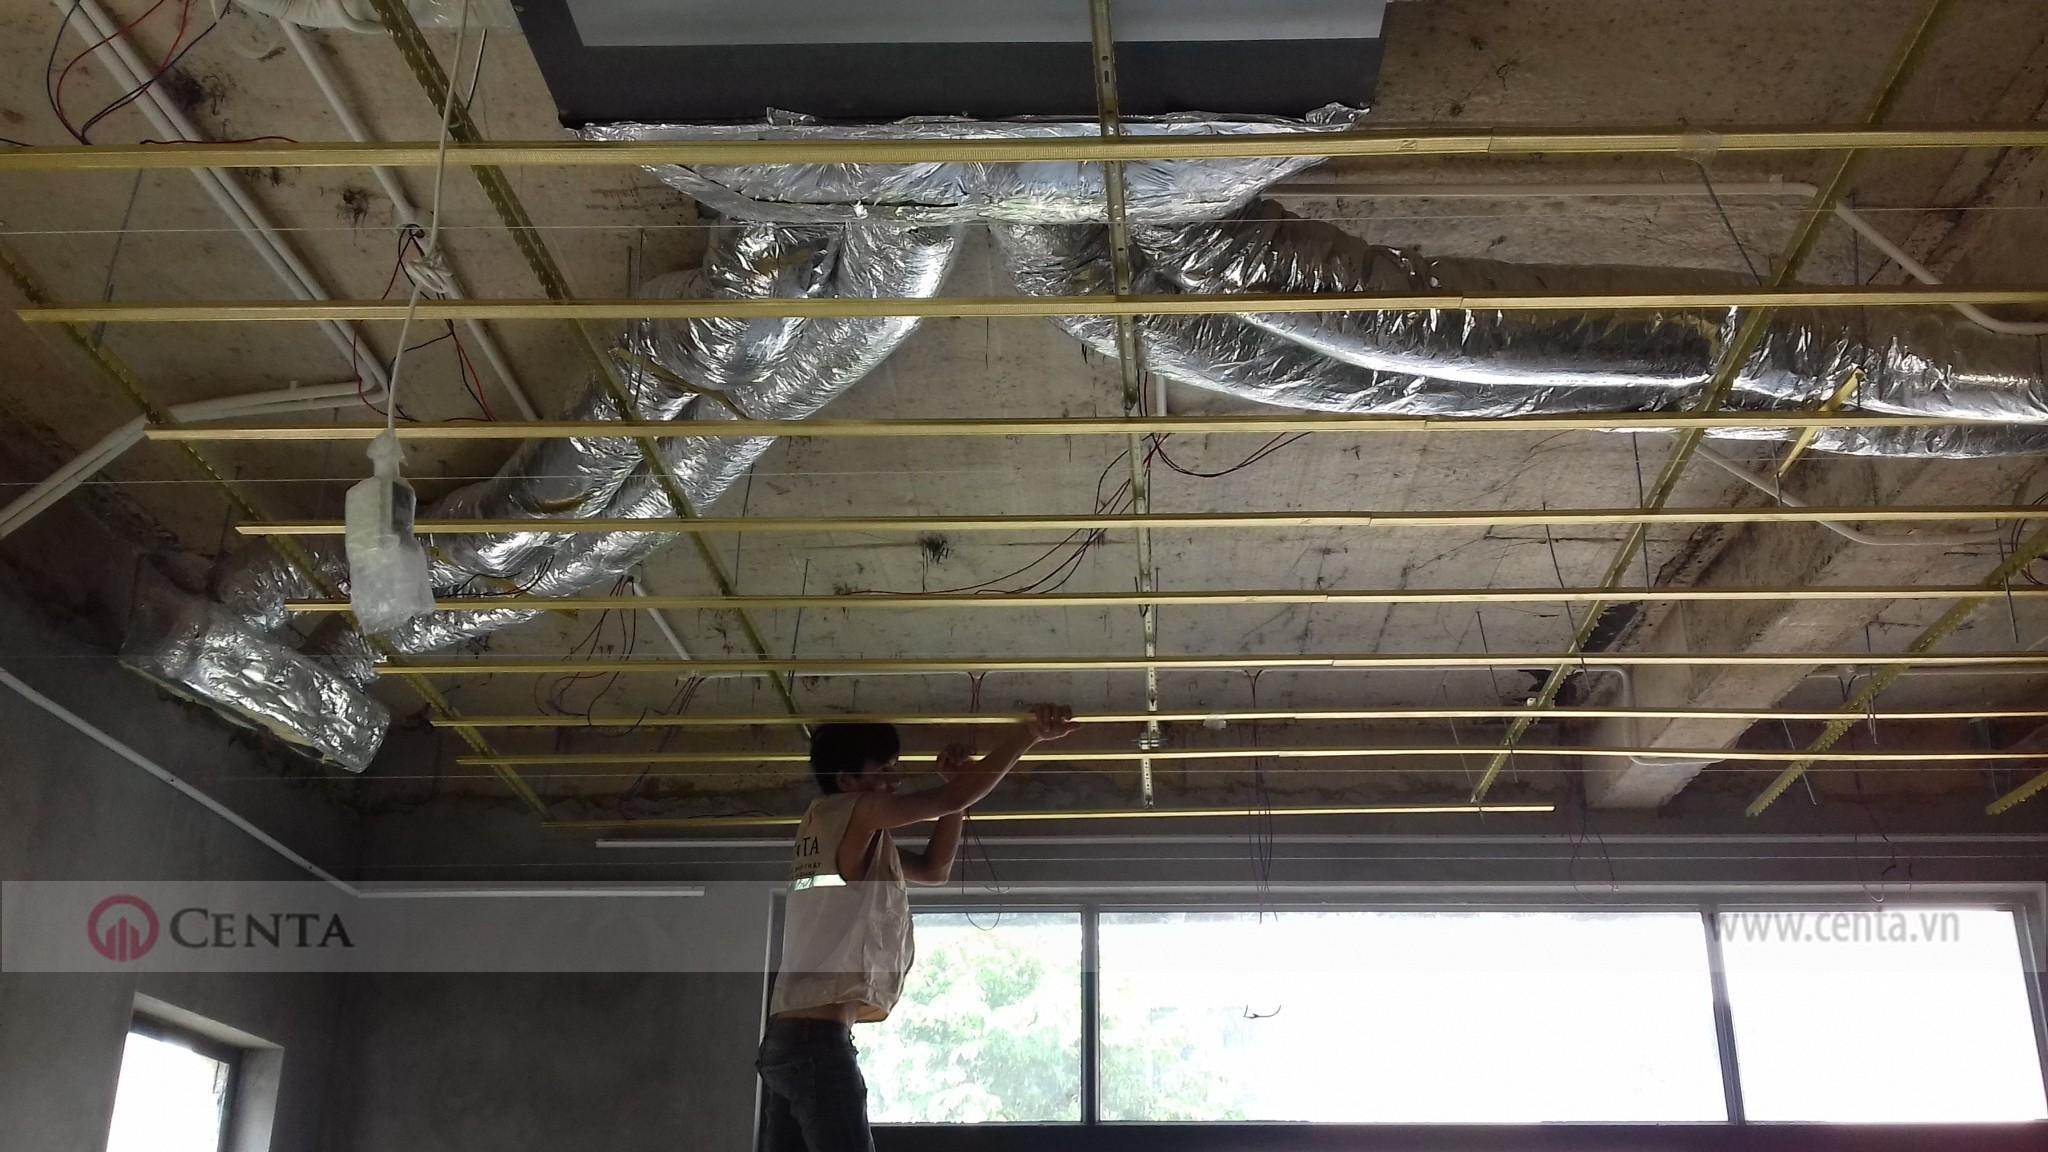 Thi công điều hòa lắp đặt ống gió điều hòa Daikin thi cong dieu hoa